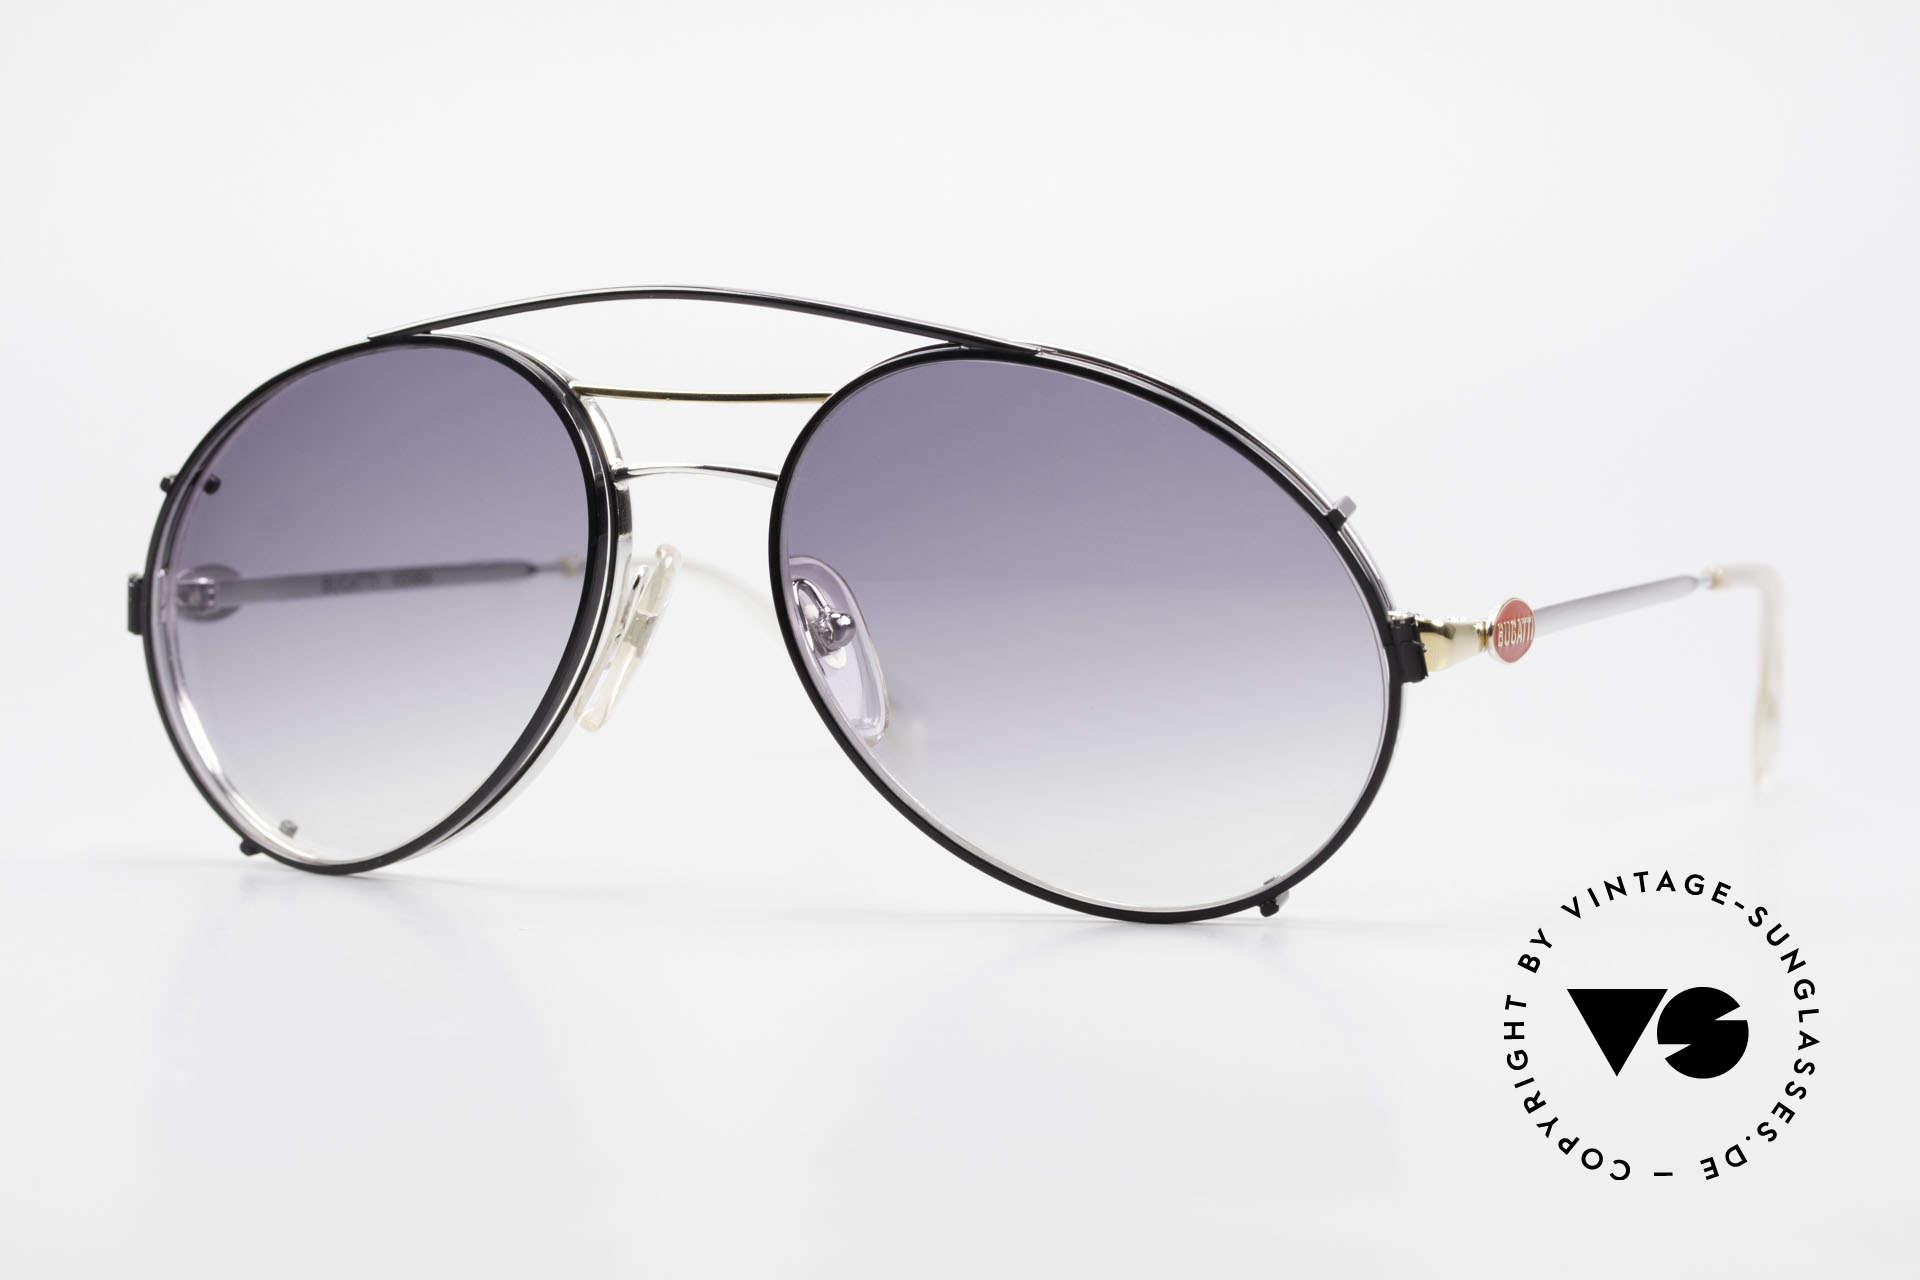 Bugatti 65984 80er Brille Mit Sonnen-Clip, original vintage 80er Bugatti Herren-Sonnenbrille, Passend für Herren